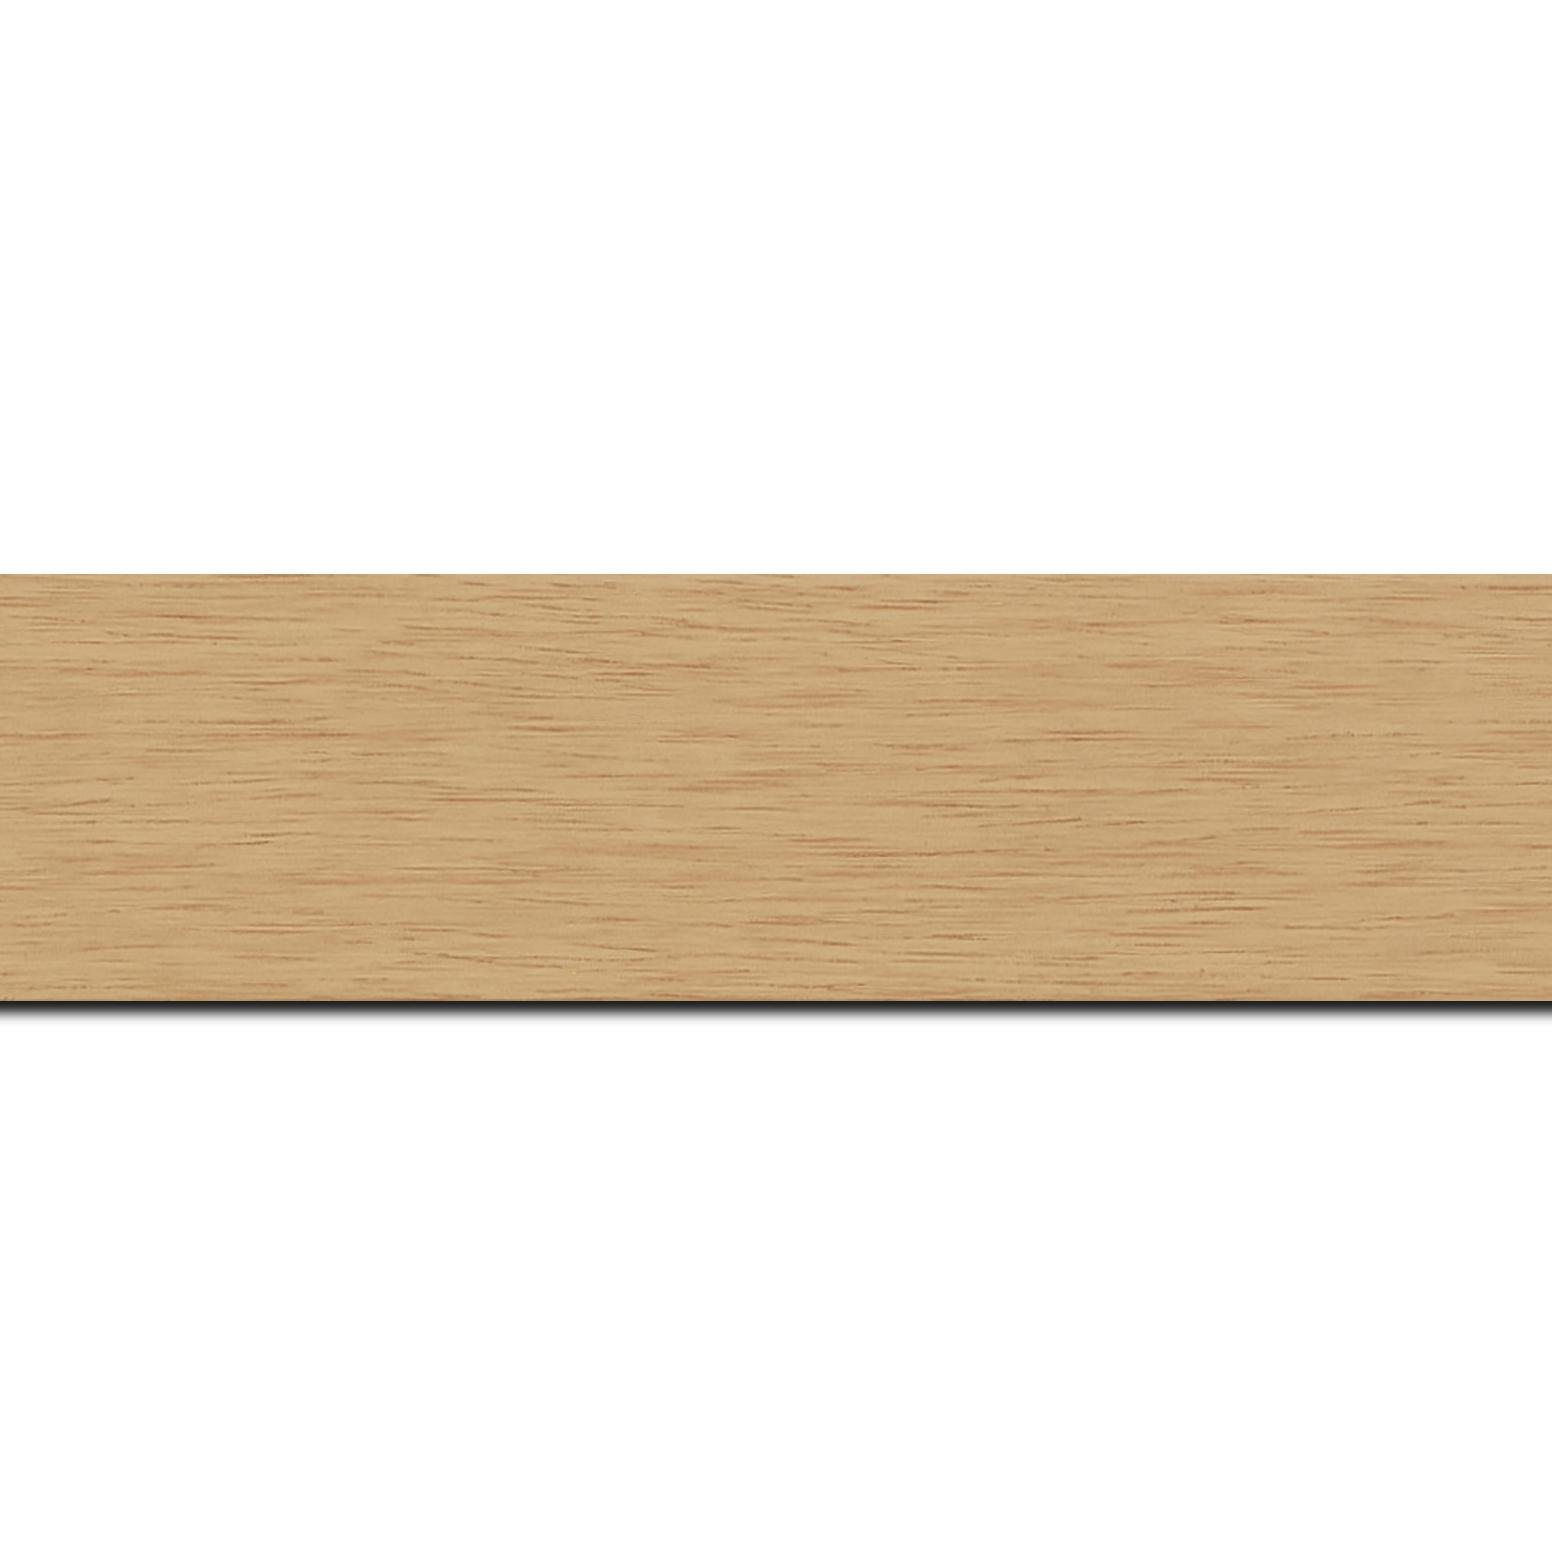 Pack par 12m, bois profil plat largeur 4.1cm couleur naturel satiné (longueur baguette pouvant varier entre 2.40m et 3m selon arrivage des bois)